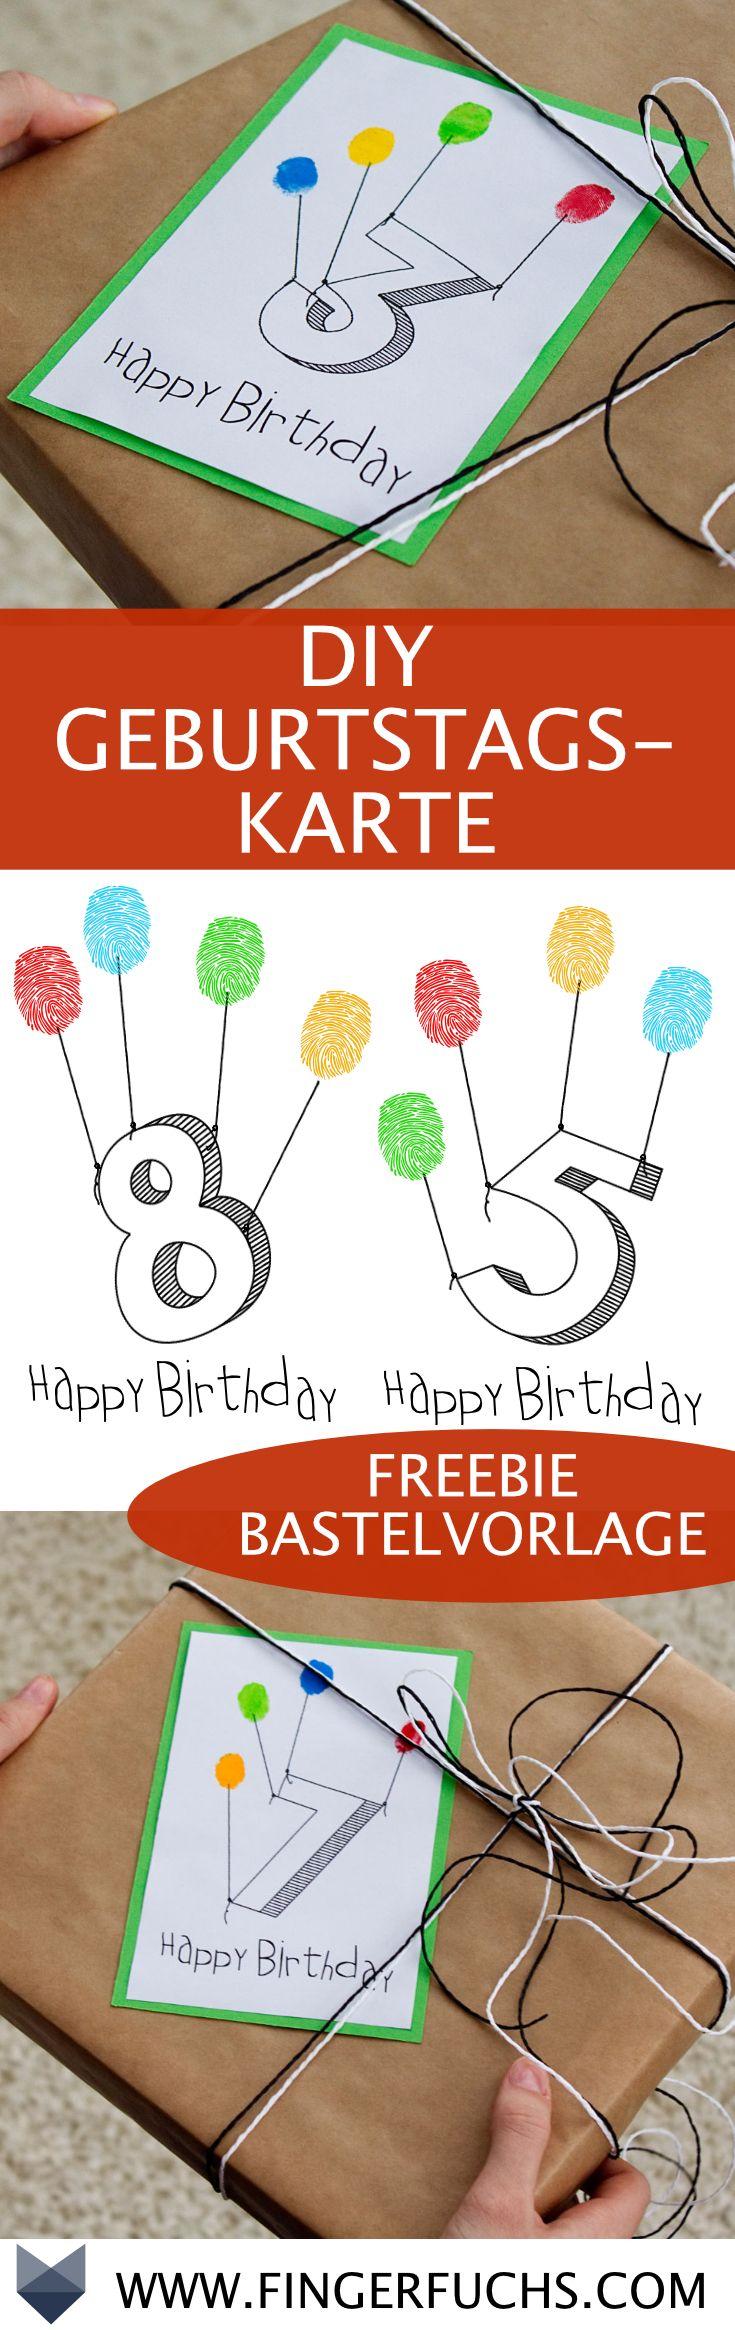 DIY Geburtstagskarten mit Ballons Kostenlose Bastelvorlage